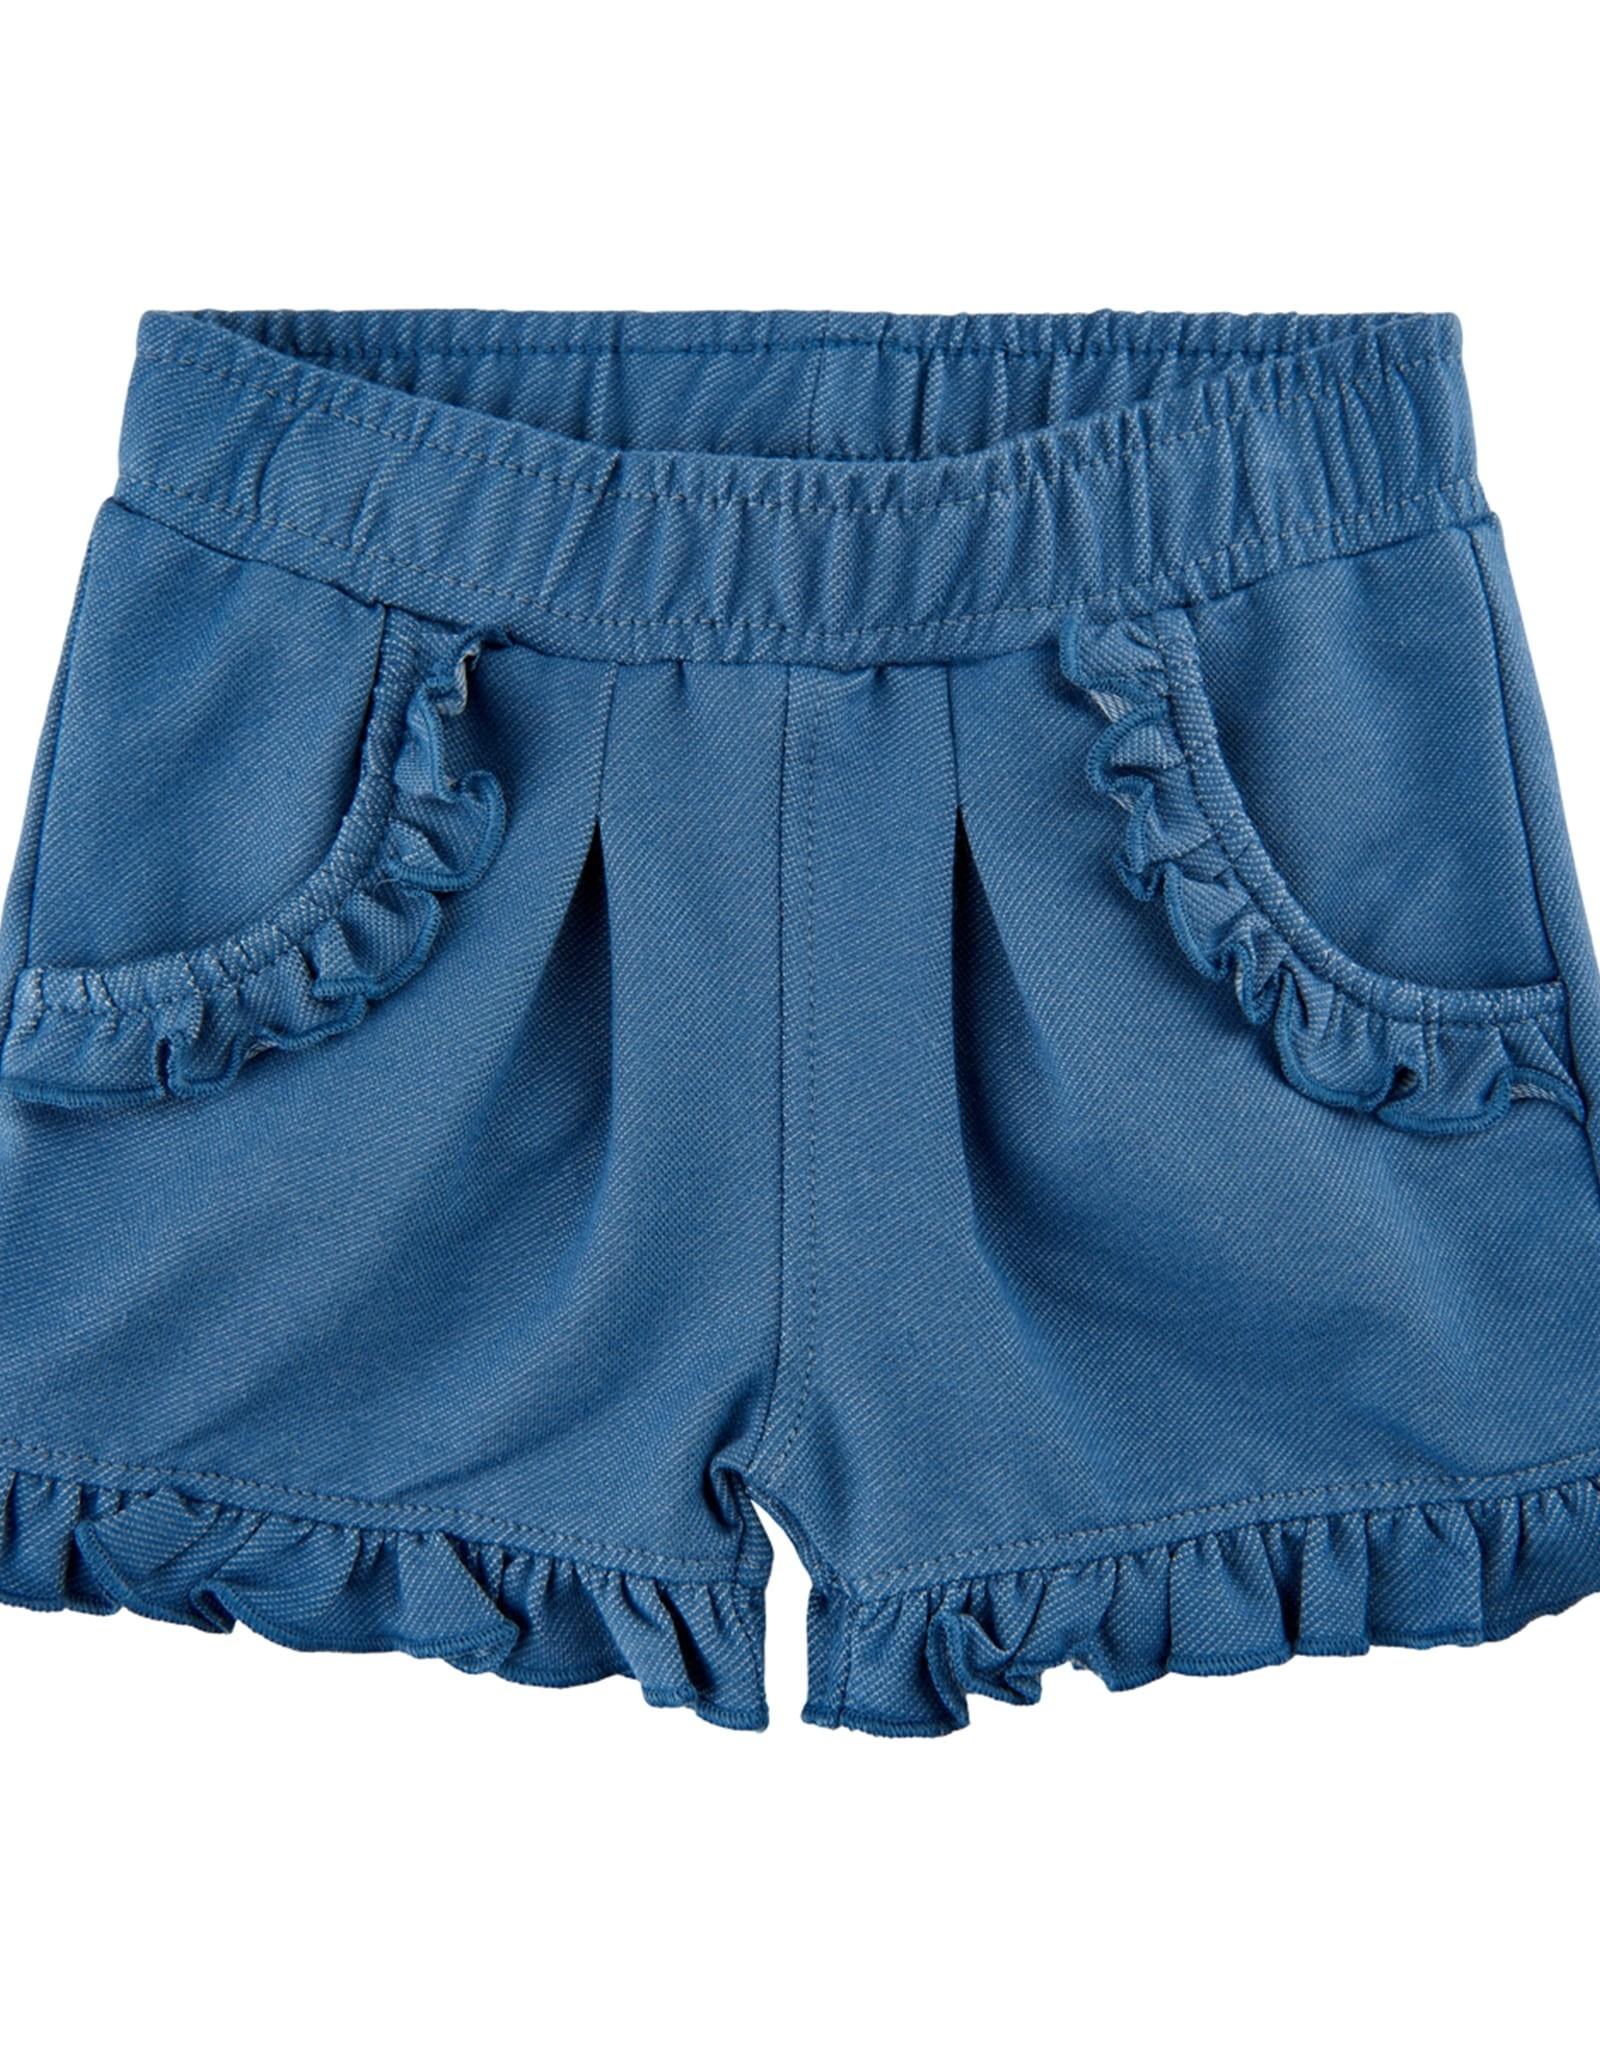 MinyMo SP21 BbyG Blue Ruffle Shorts